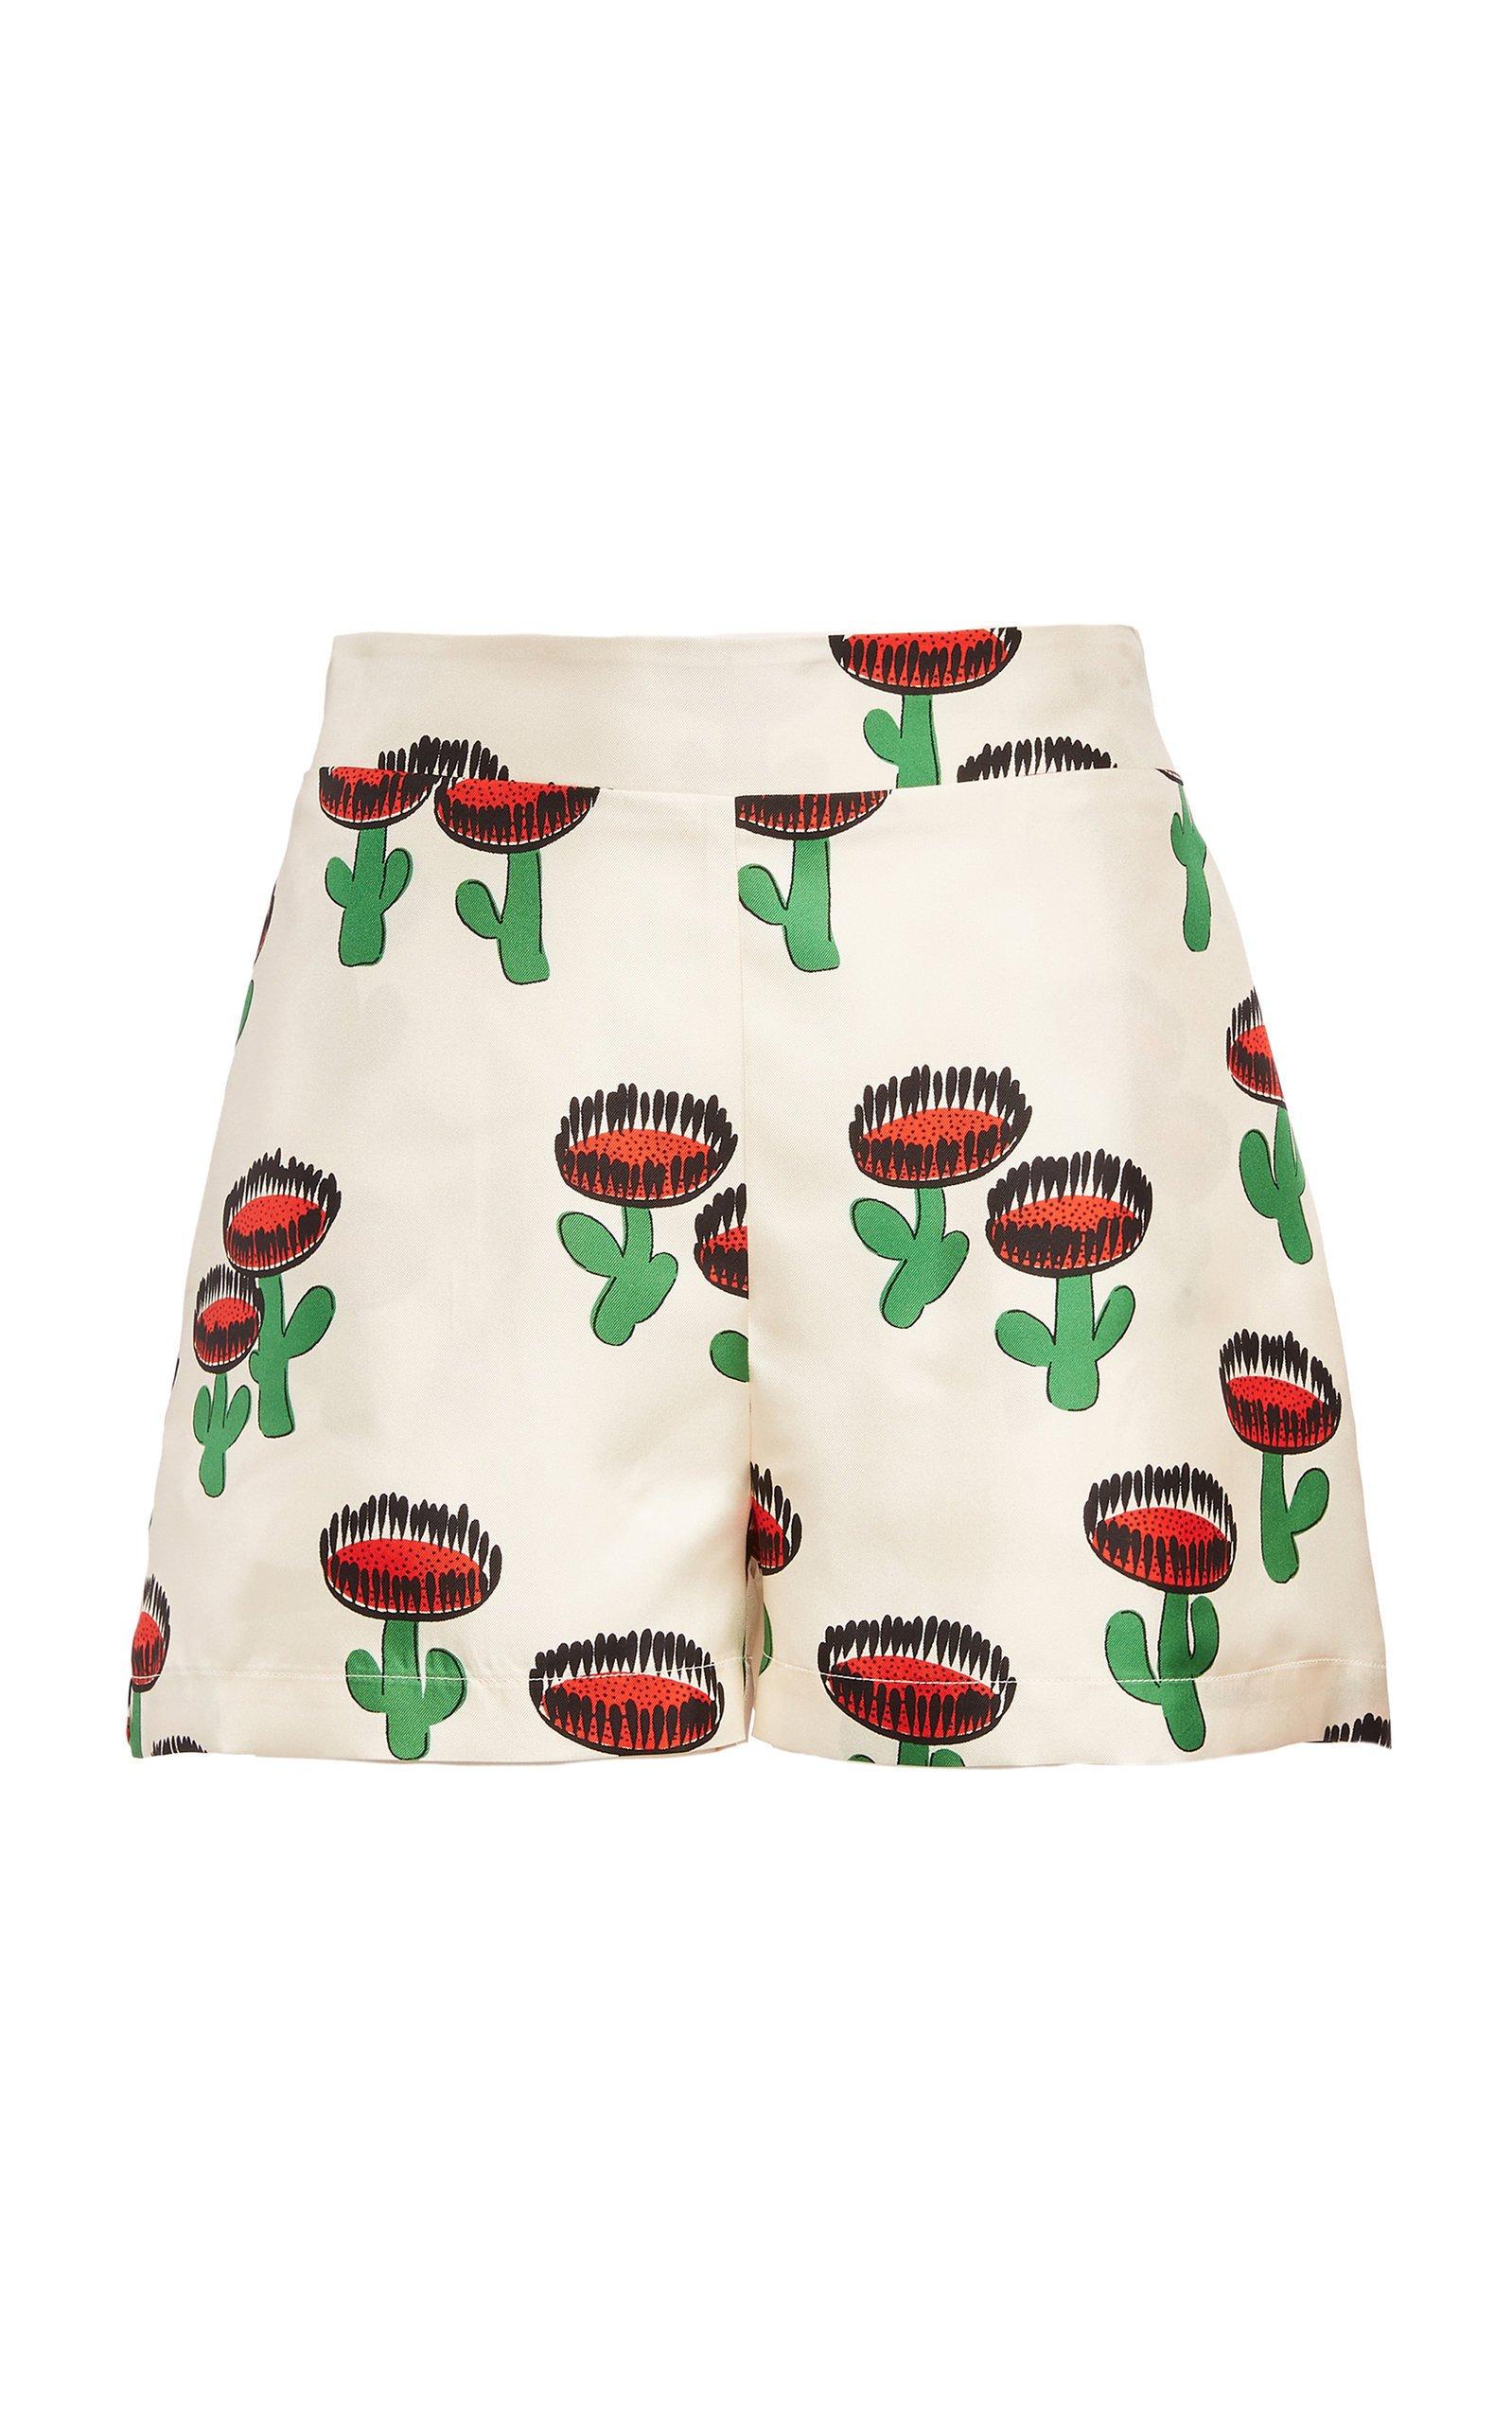 La DoubleJ Boxer Printed Silk Shorts Size: L